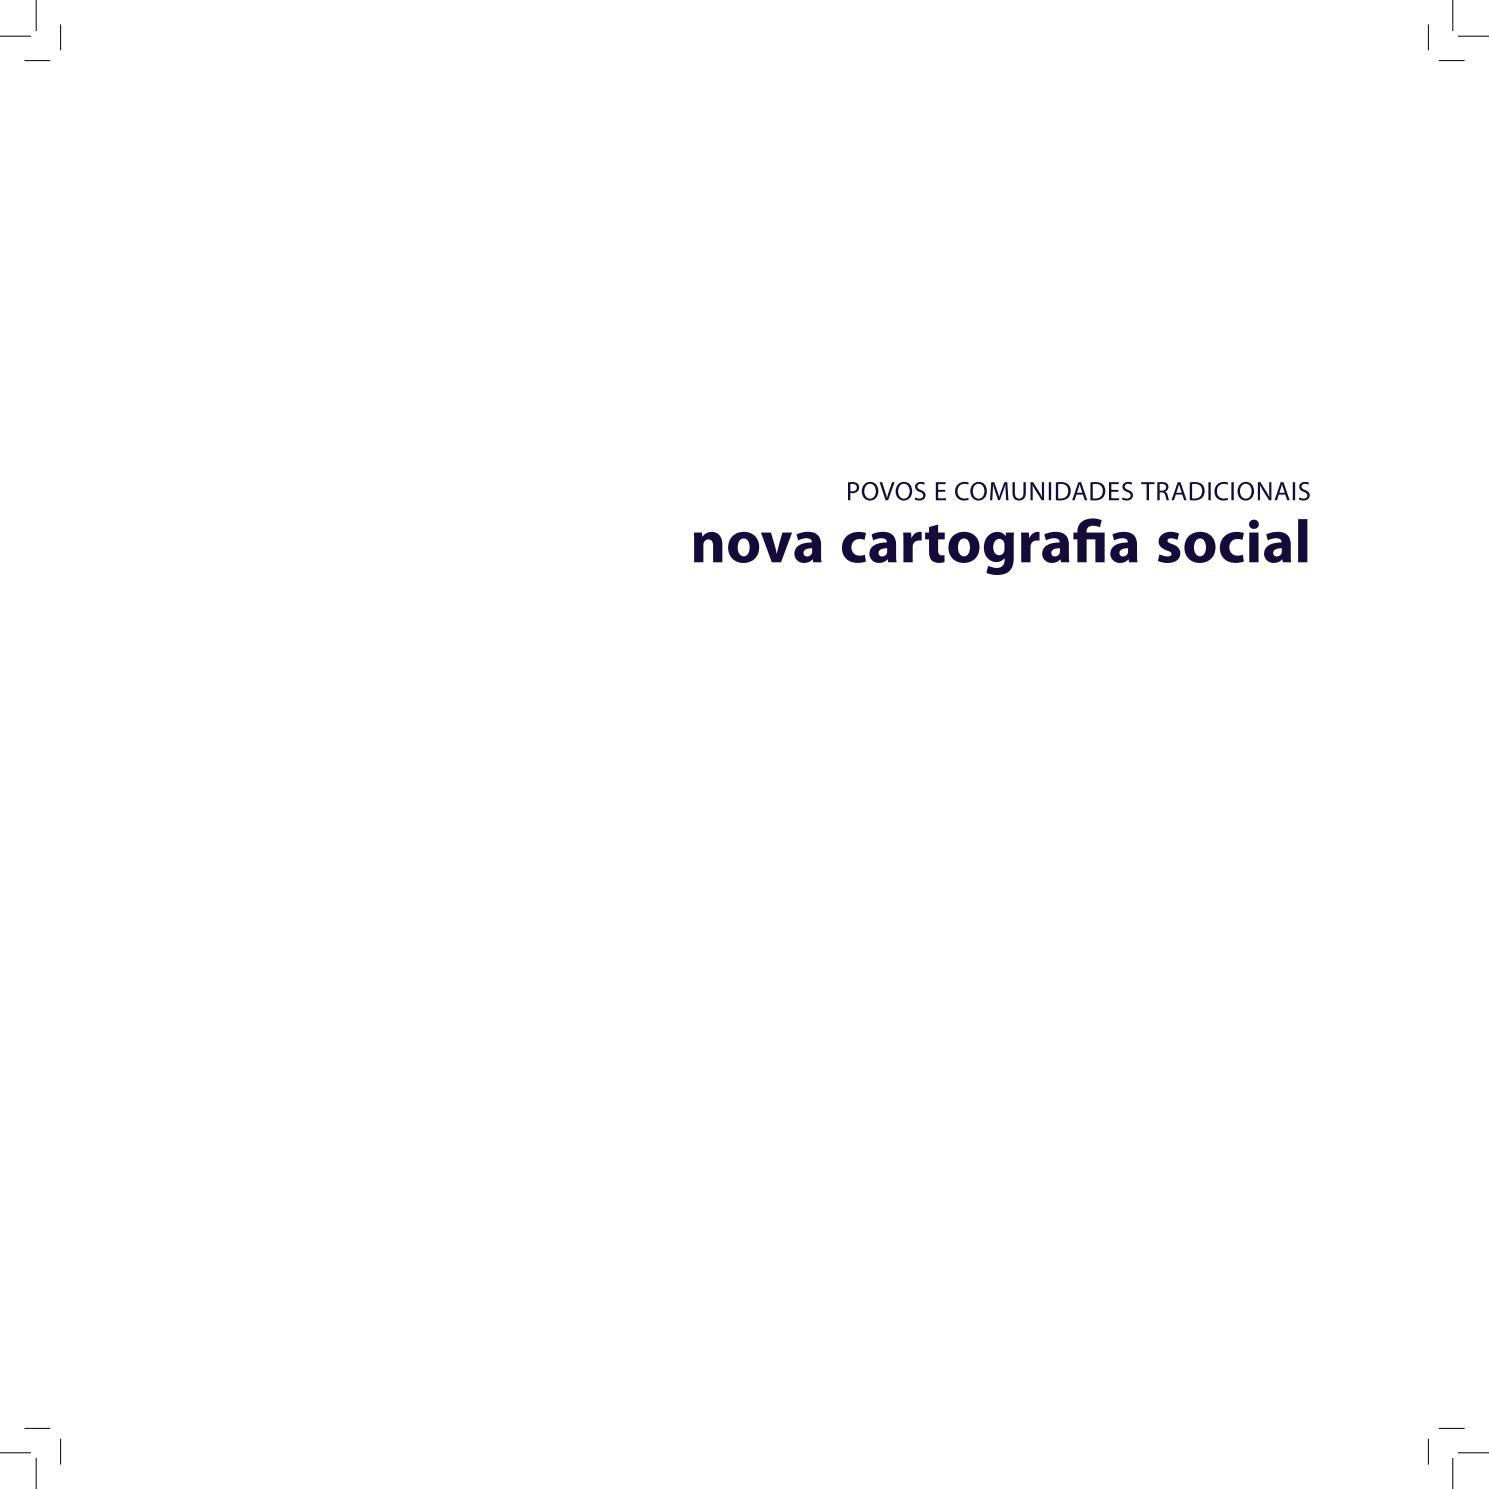 e1981b19b5 Cartografi social catalogo povos comunidades tradicionais 1 by matsu.cash -  issuu